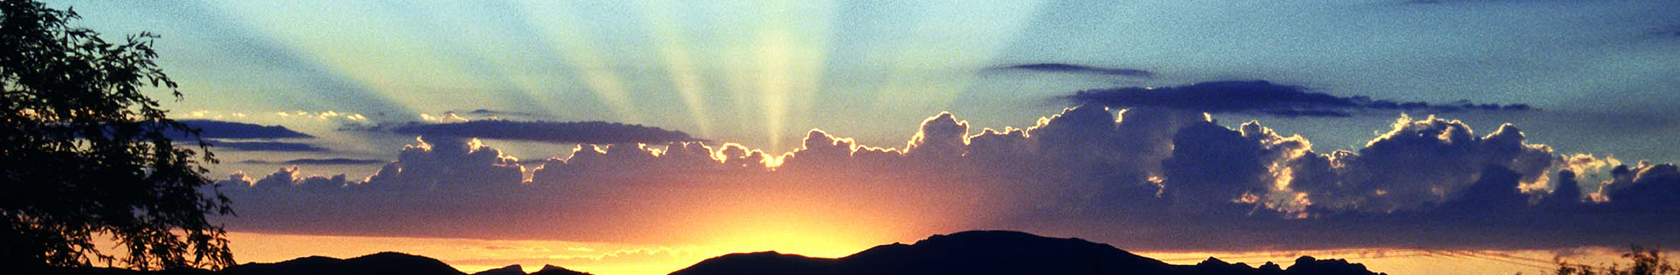 Dieu est Amour – 2 : Aimer c'est donner – La Bible